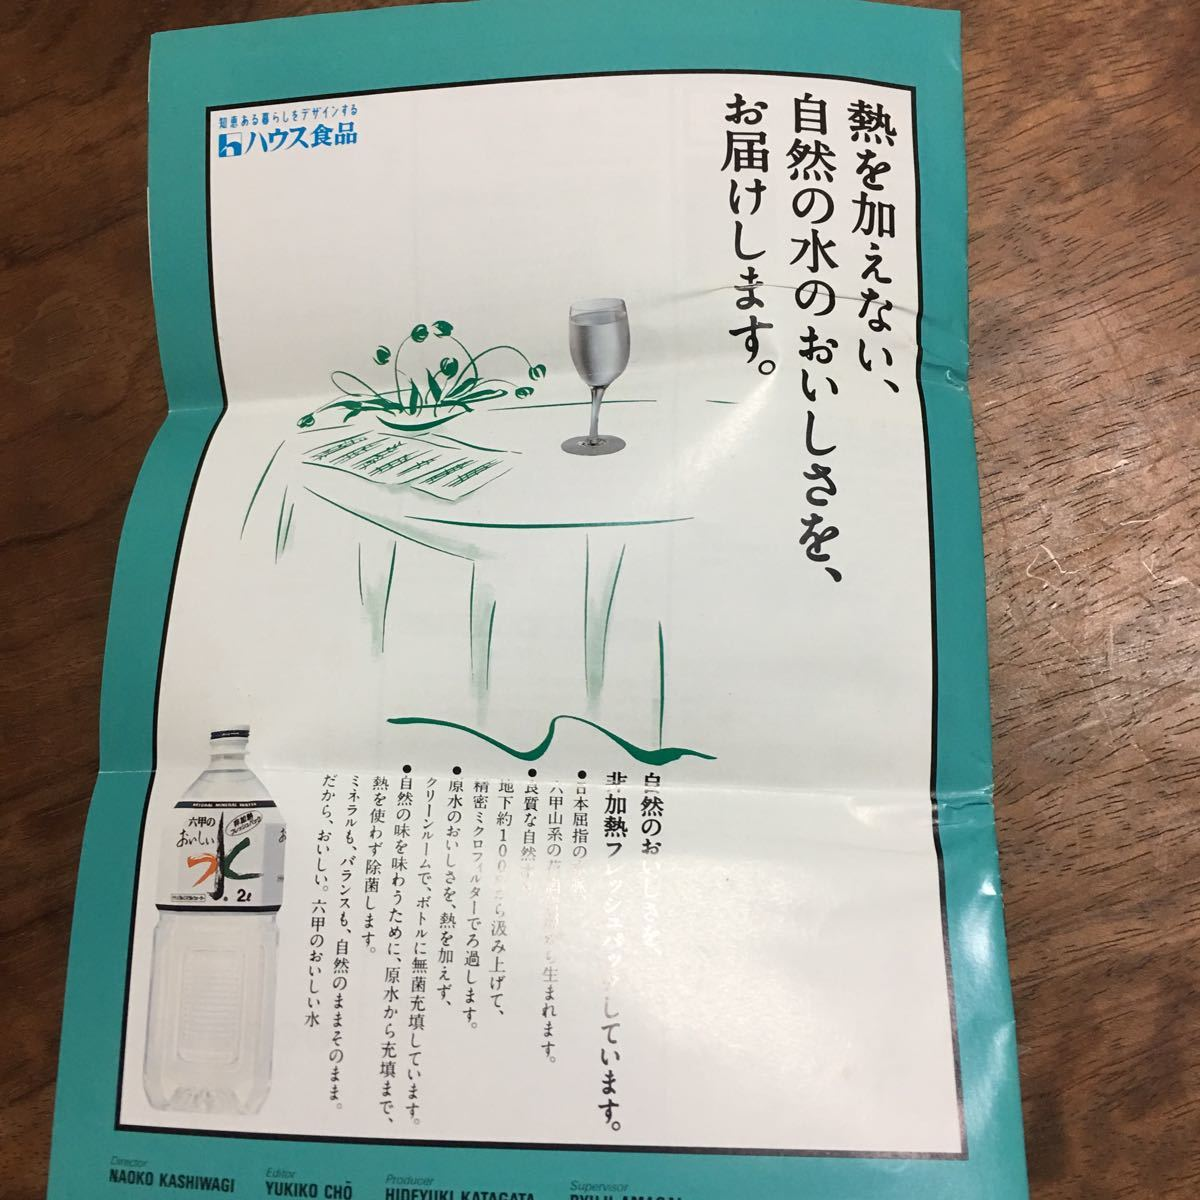 西城秀樹 ファンクラブ会報誌 DUET 1994 vol 37_画像7